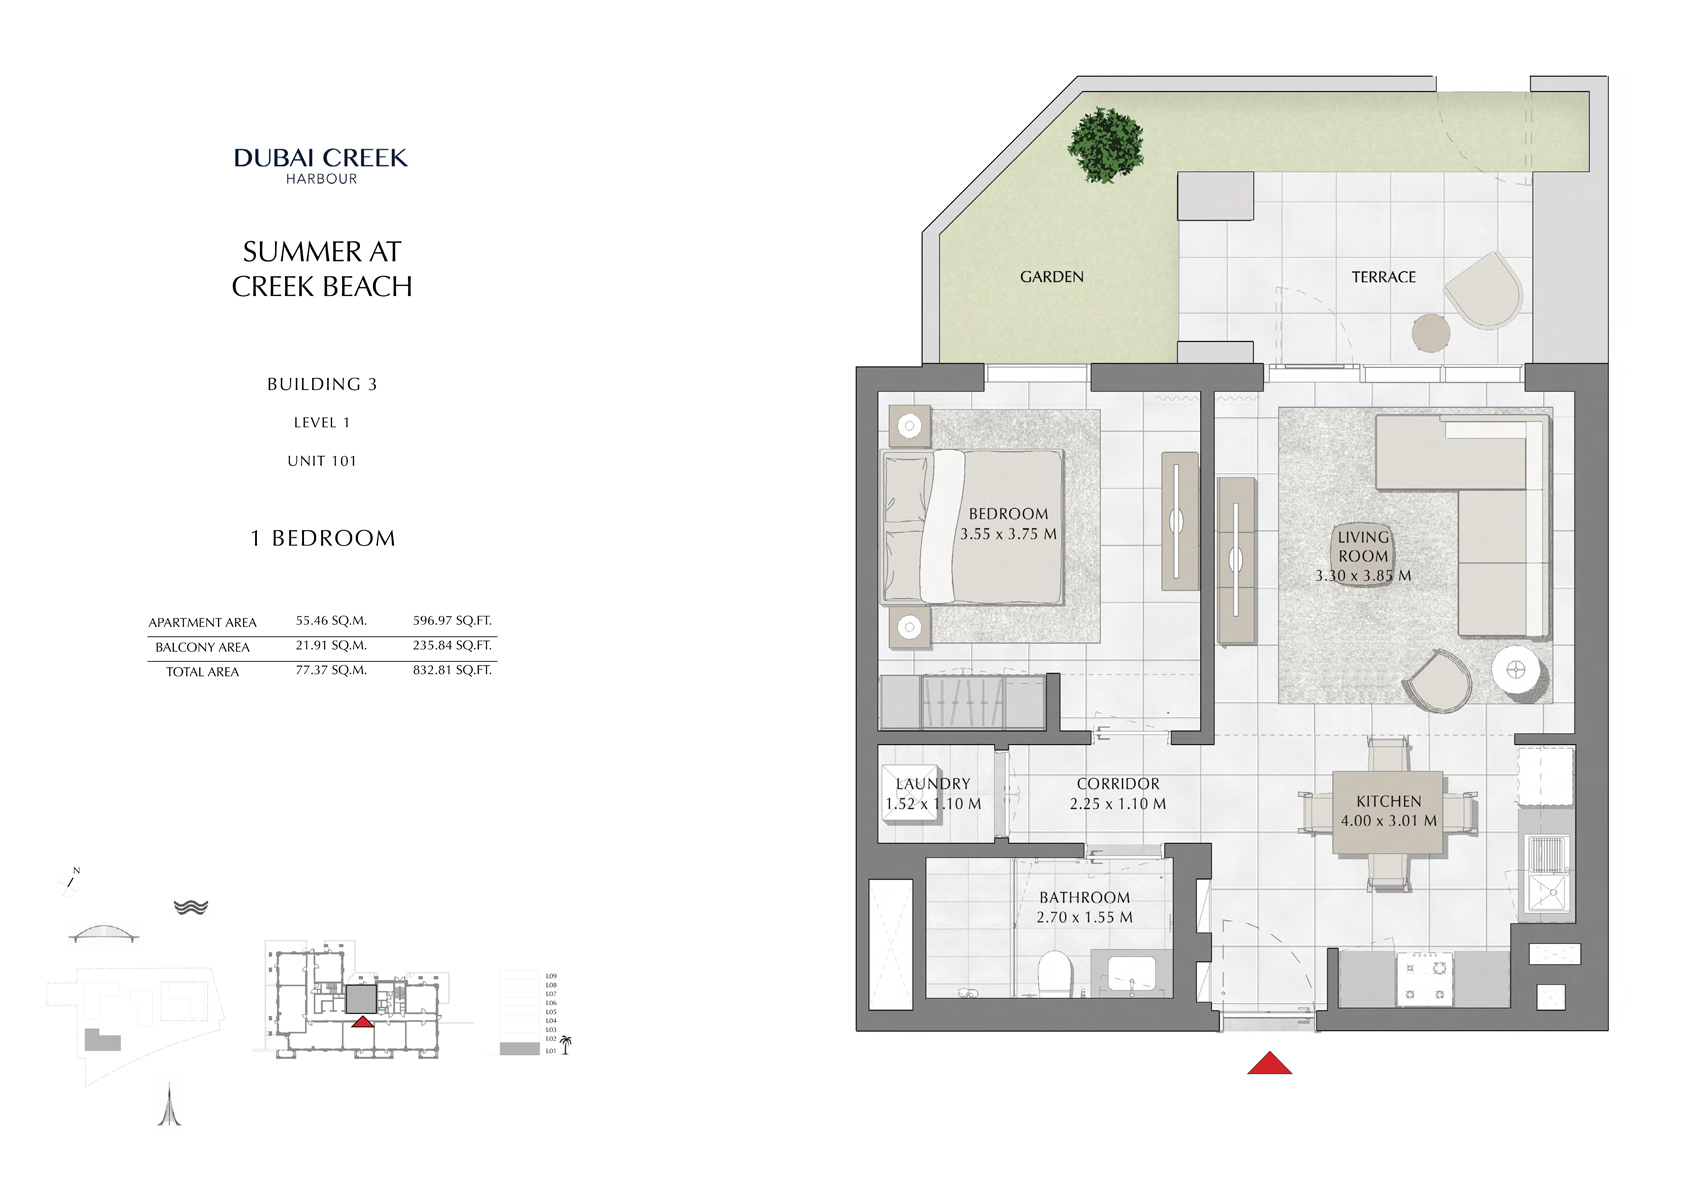 1 Br Building 3 Level 1 Unit 101, Size 832 Sq Ft